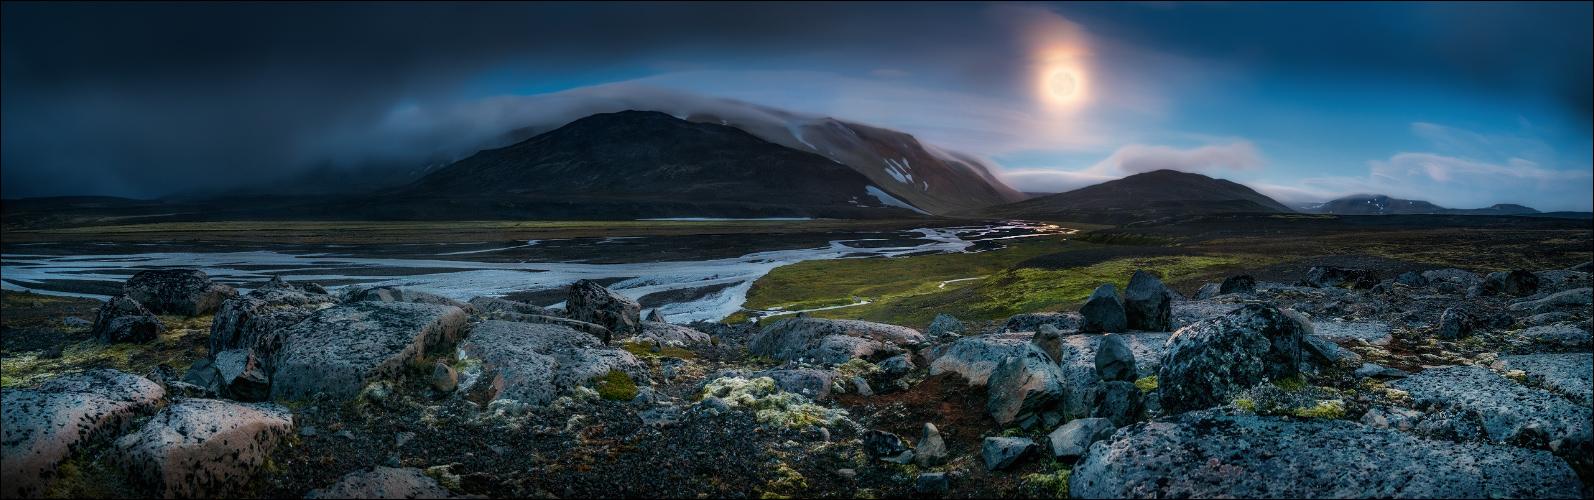 der Mond im Eiseland